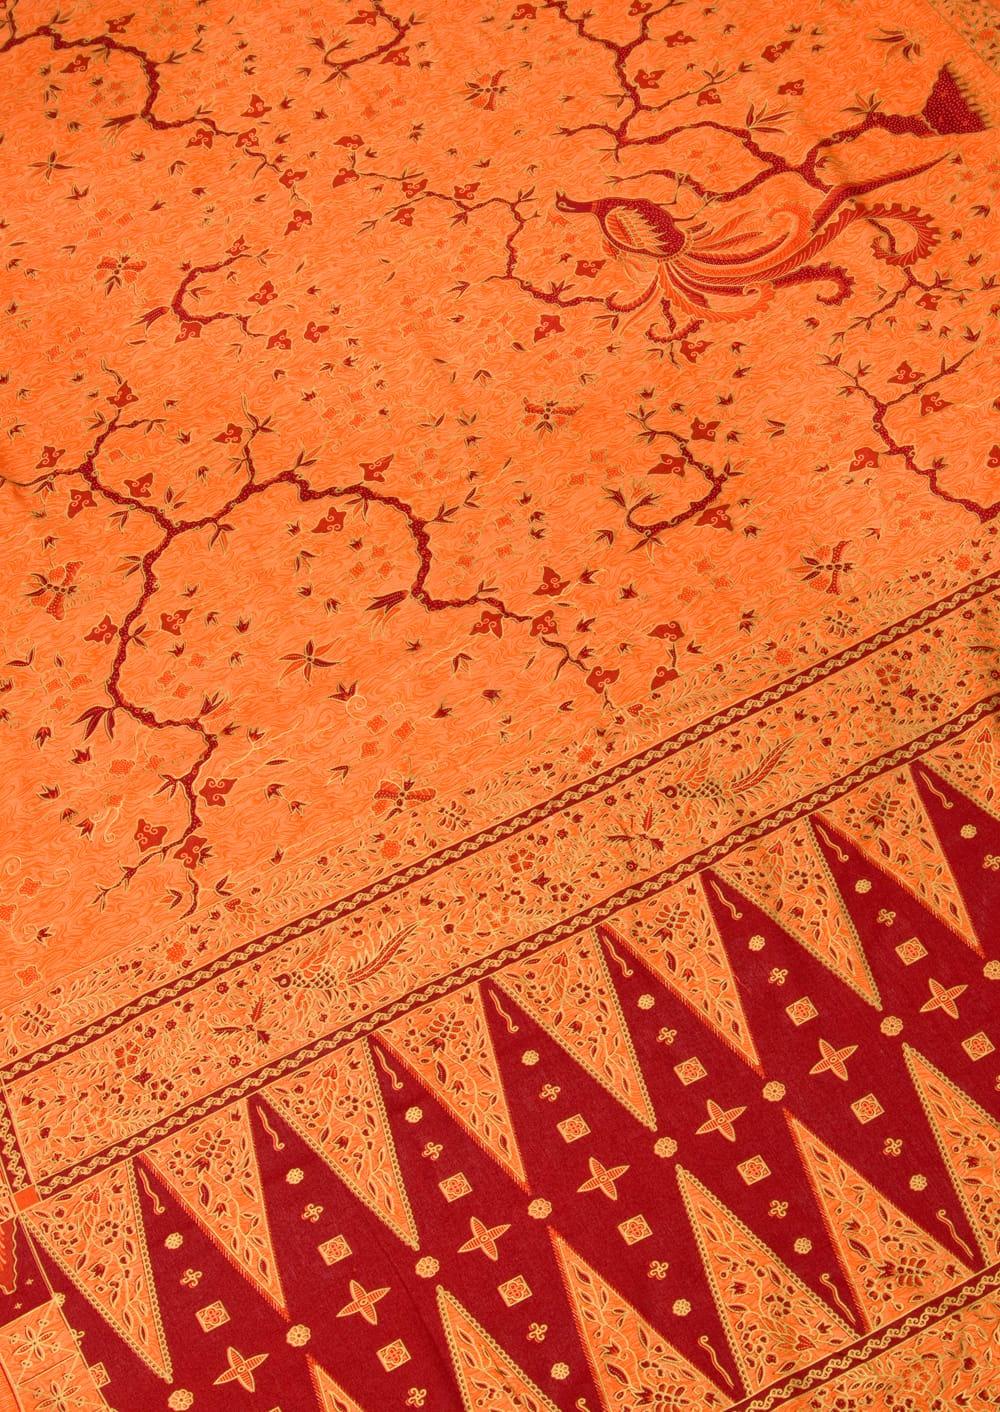 〔170cm*110cm〕インドネシア伝統のコットンバティック - 橙色・孔雀 2 - 鳥などの動物と植物を組み合わせたスメン模様や、刀剣を意味する王宮模様のパラン・ルサック、インドから影響を受けた更紗模様など、インドネシアの歴史を感じることのできるデザインになっております。